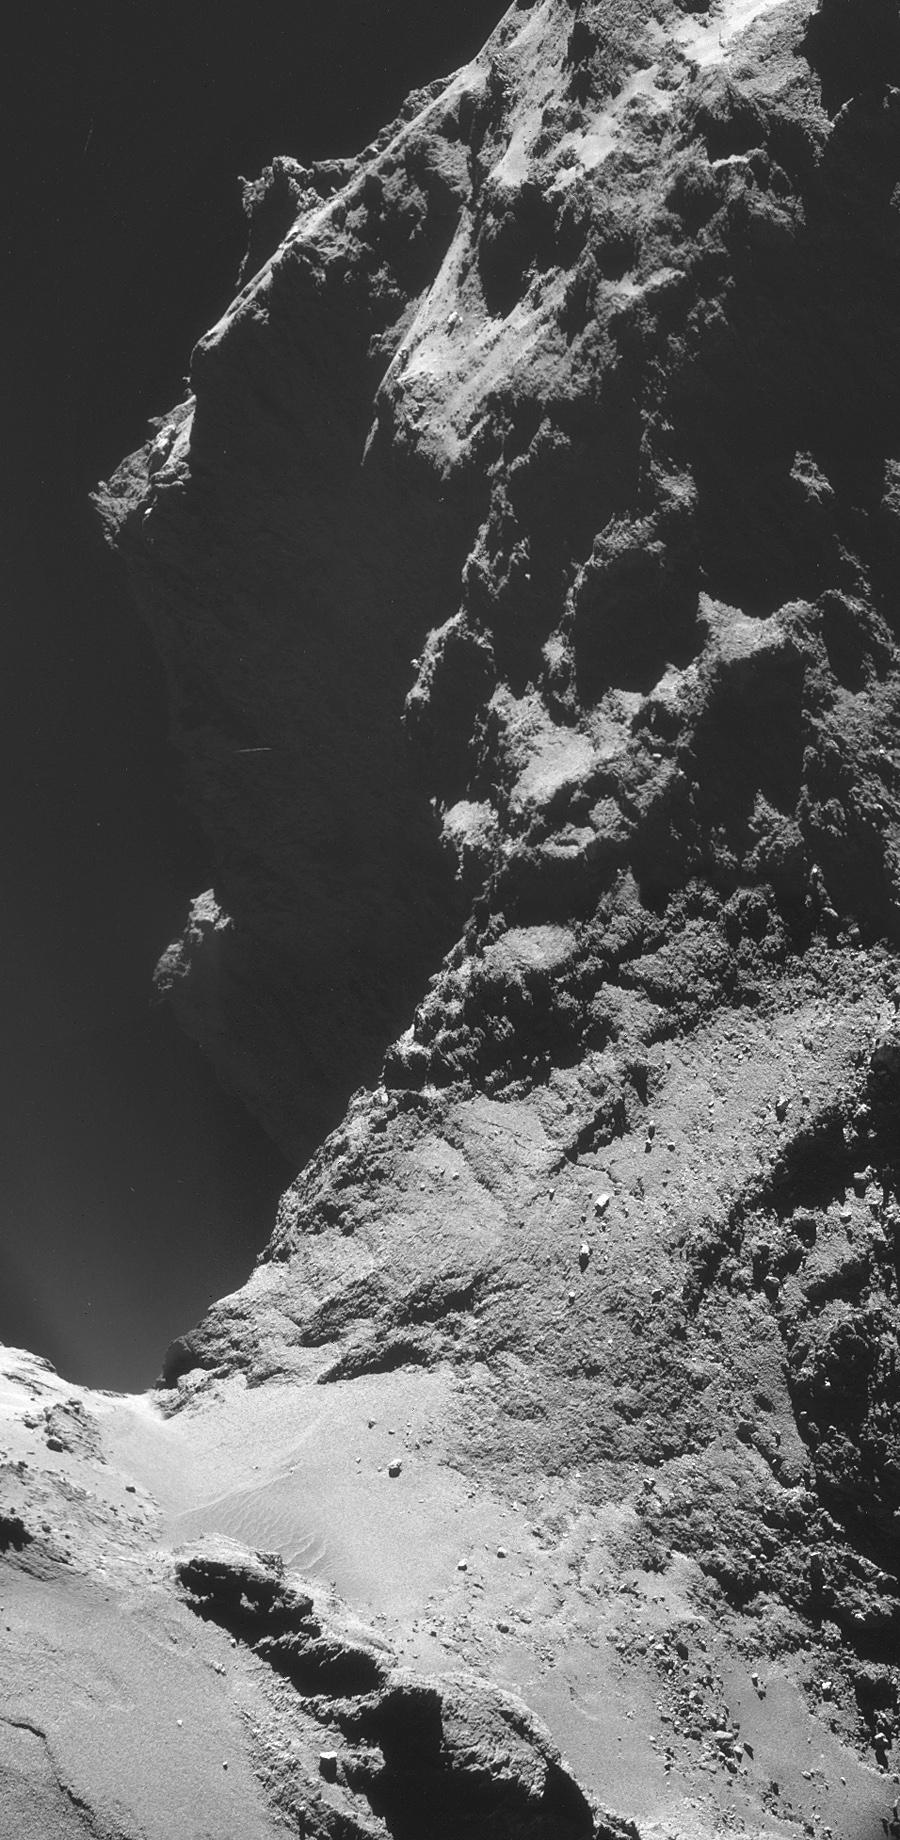 comet-is-8km-away (8)